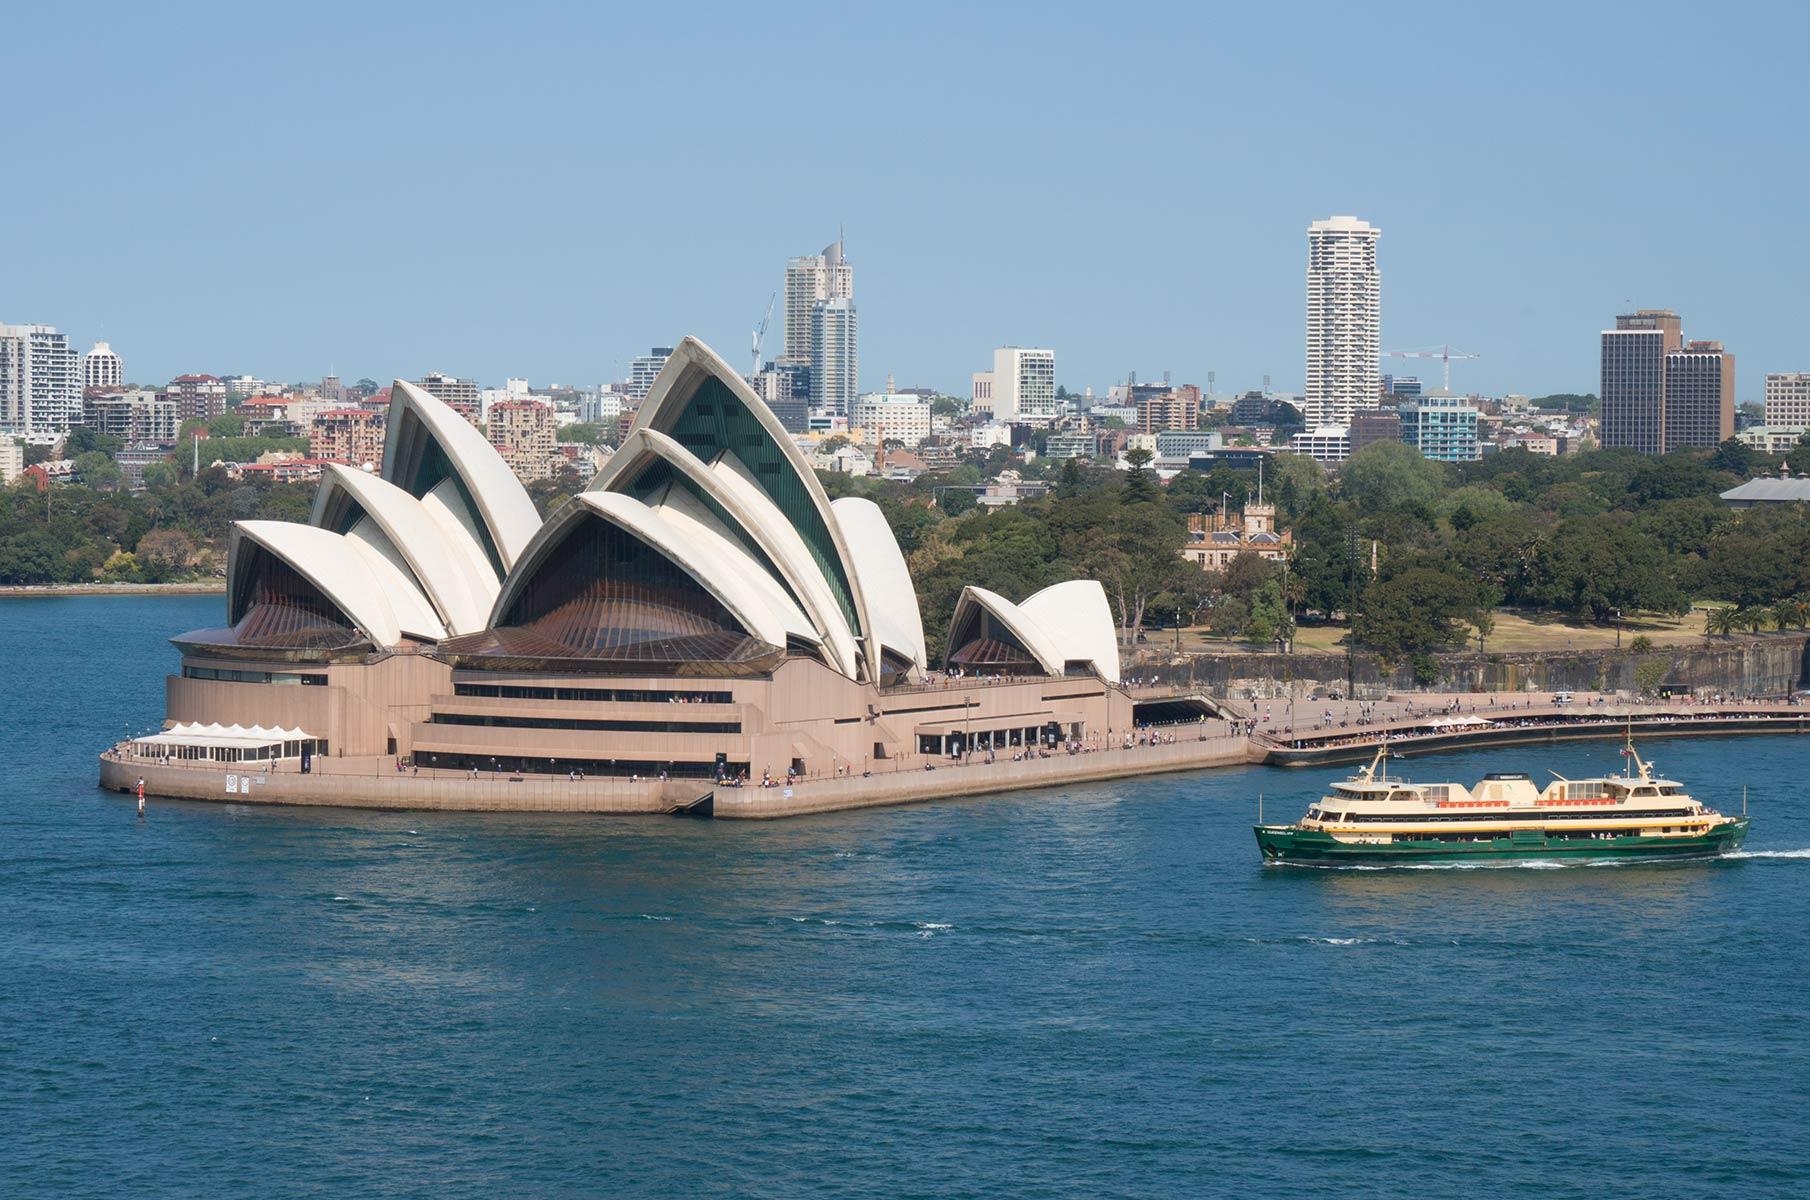 Blick vom Wilson Point unter der Harbour Bay Bridge auf das Sydney Opera House Opernhaus, Australien